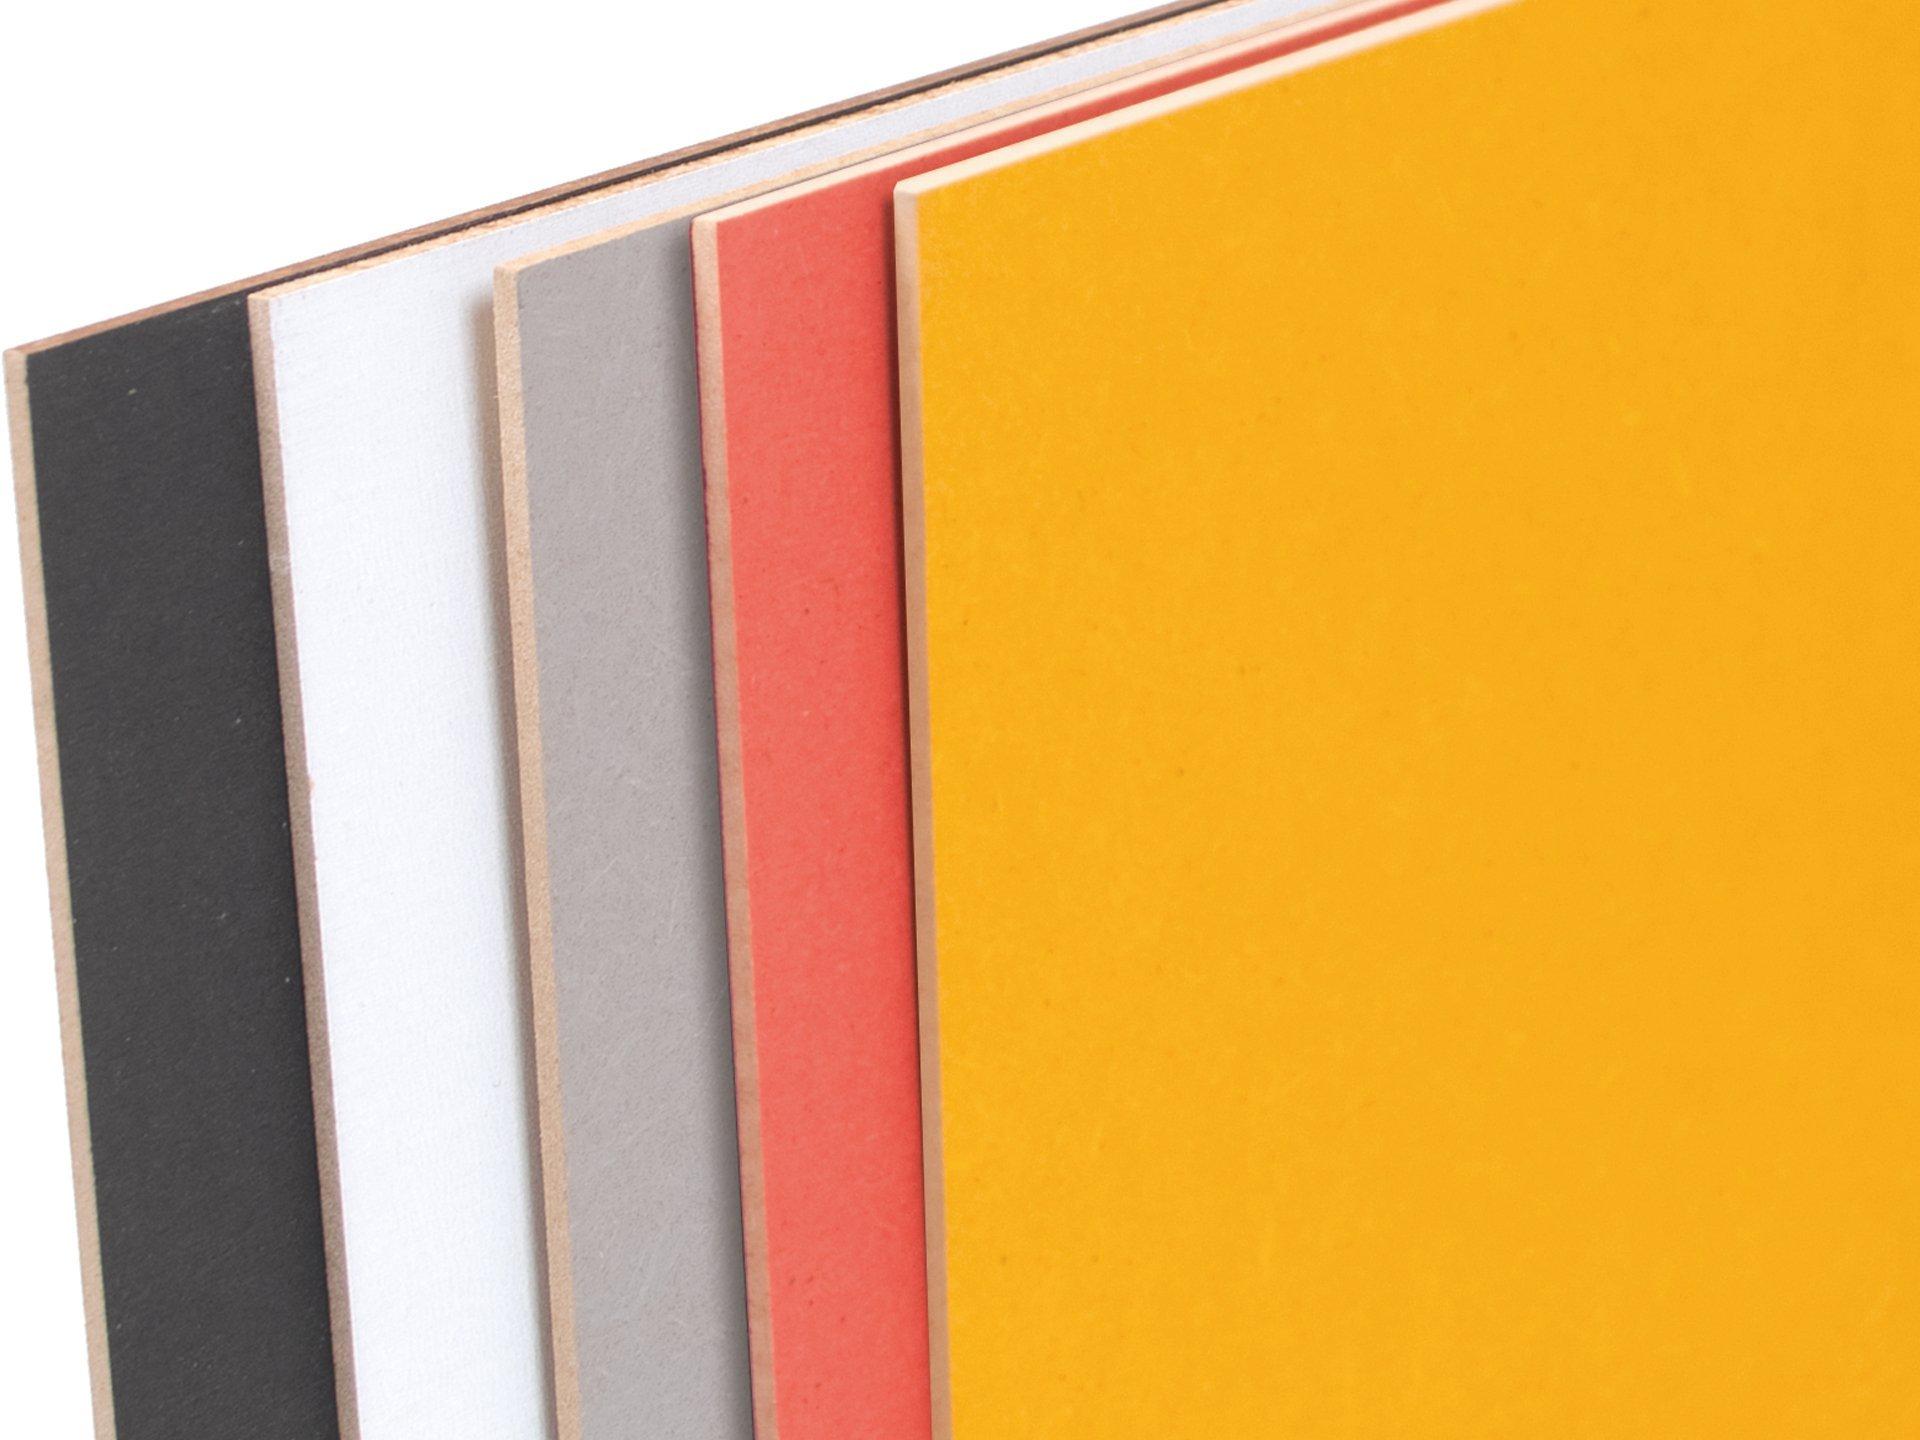 hdf einseitig farbig jetzt online kaufen modulor. Black Bedroom Furniture Sets. Home Design Ideas